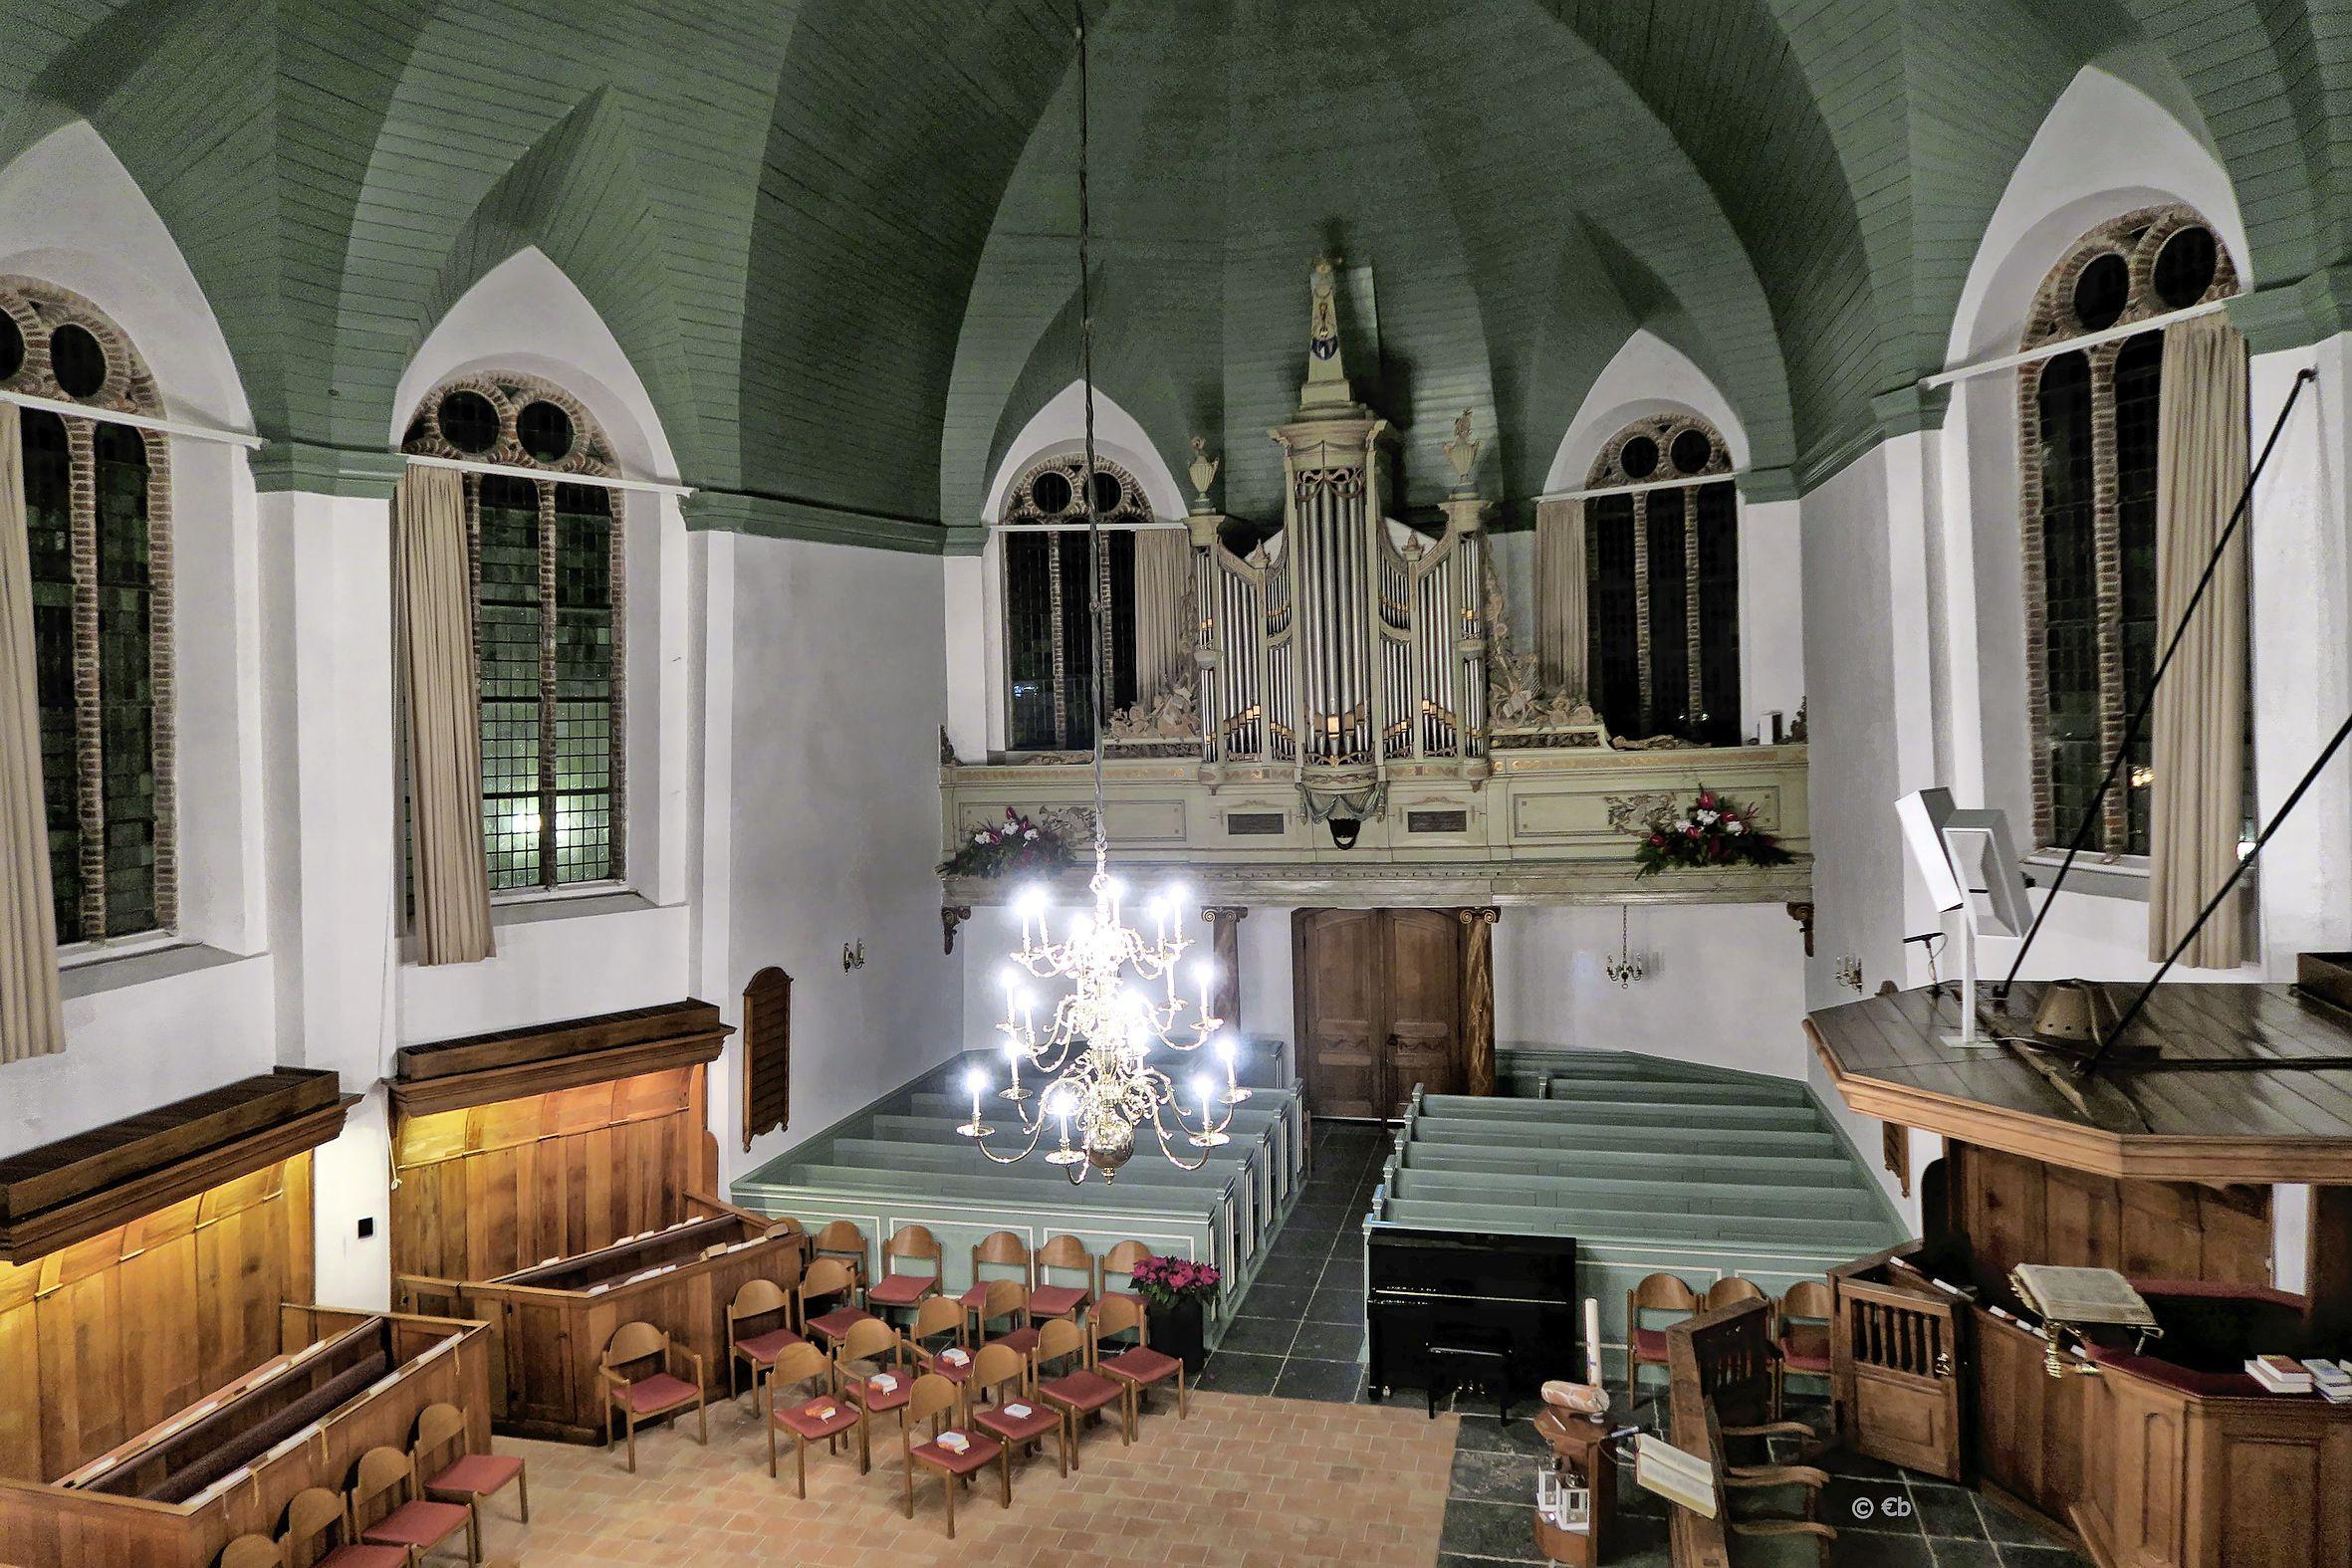 Langverwachte restauratie Mitterreither-orgel in de dorpskerk van Woubrugge begint nog deze maand